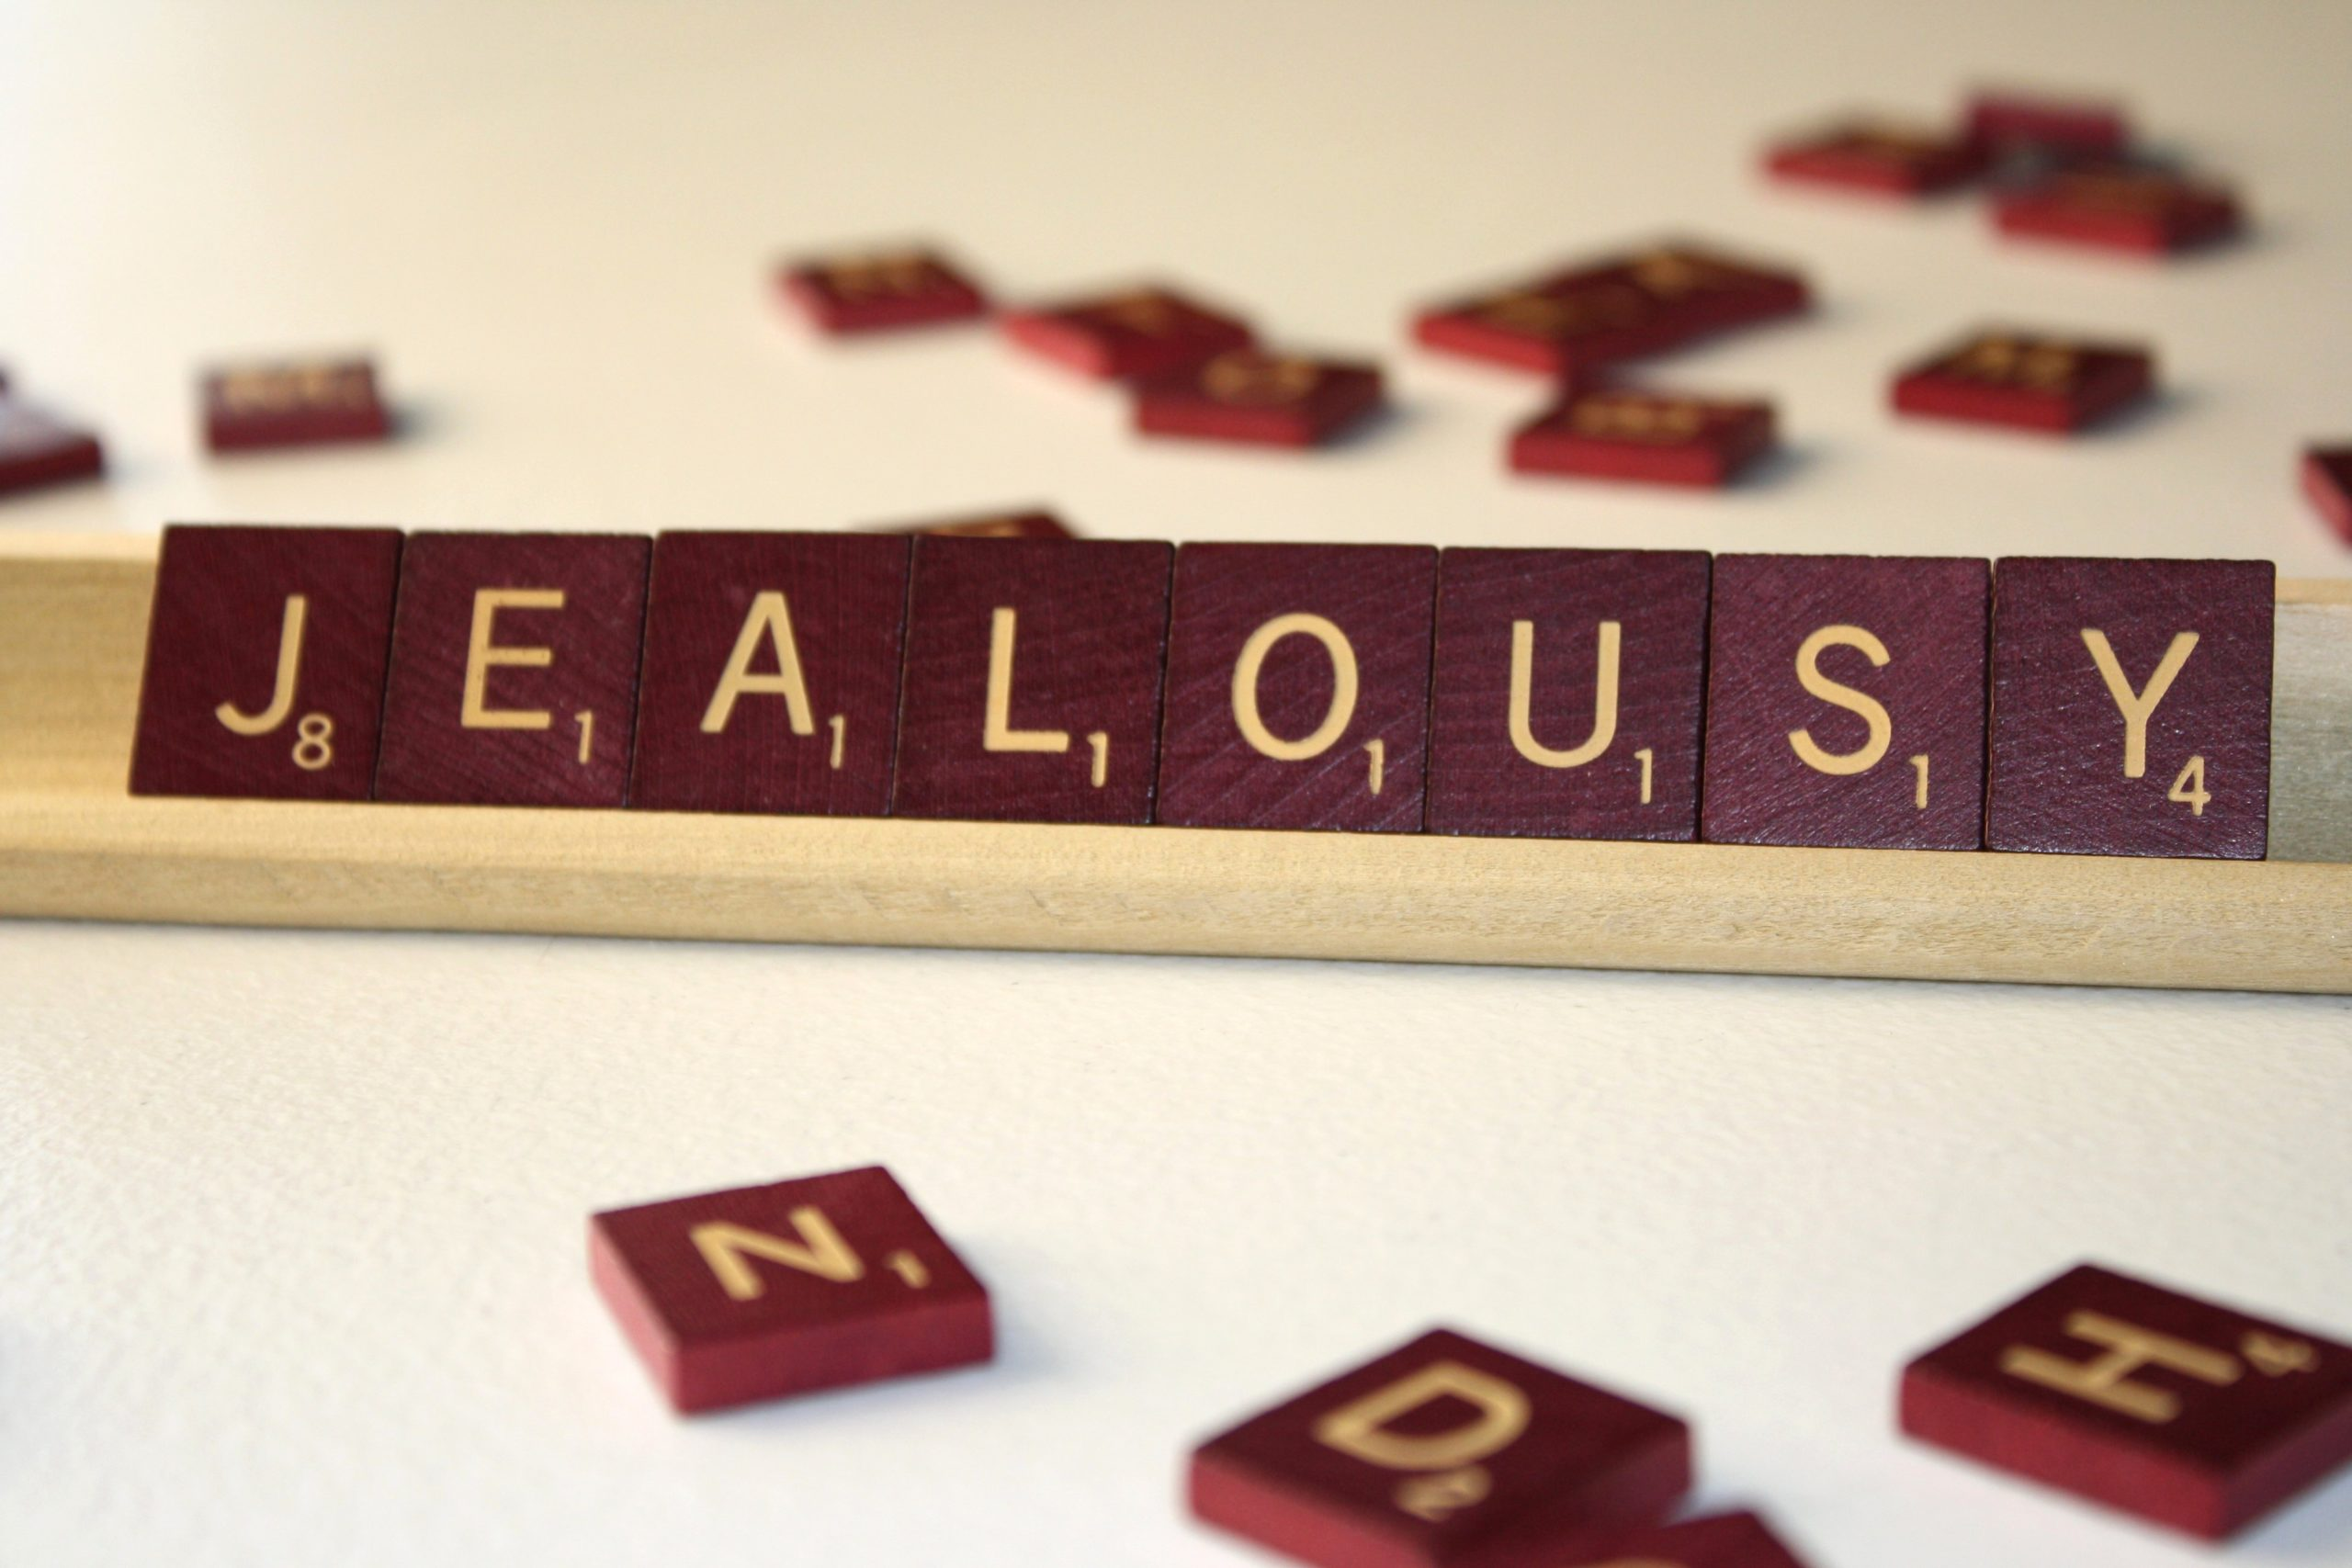 The word jealousy written using Scrabble blocks